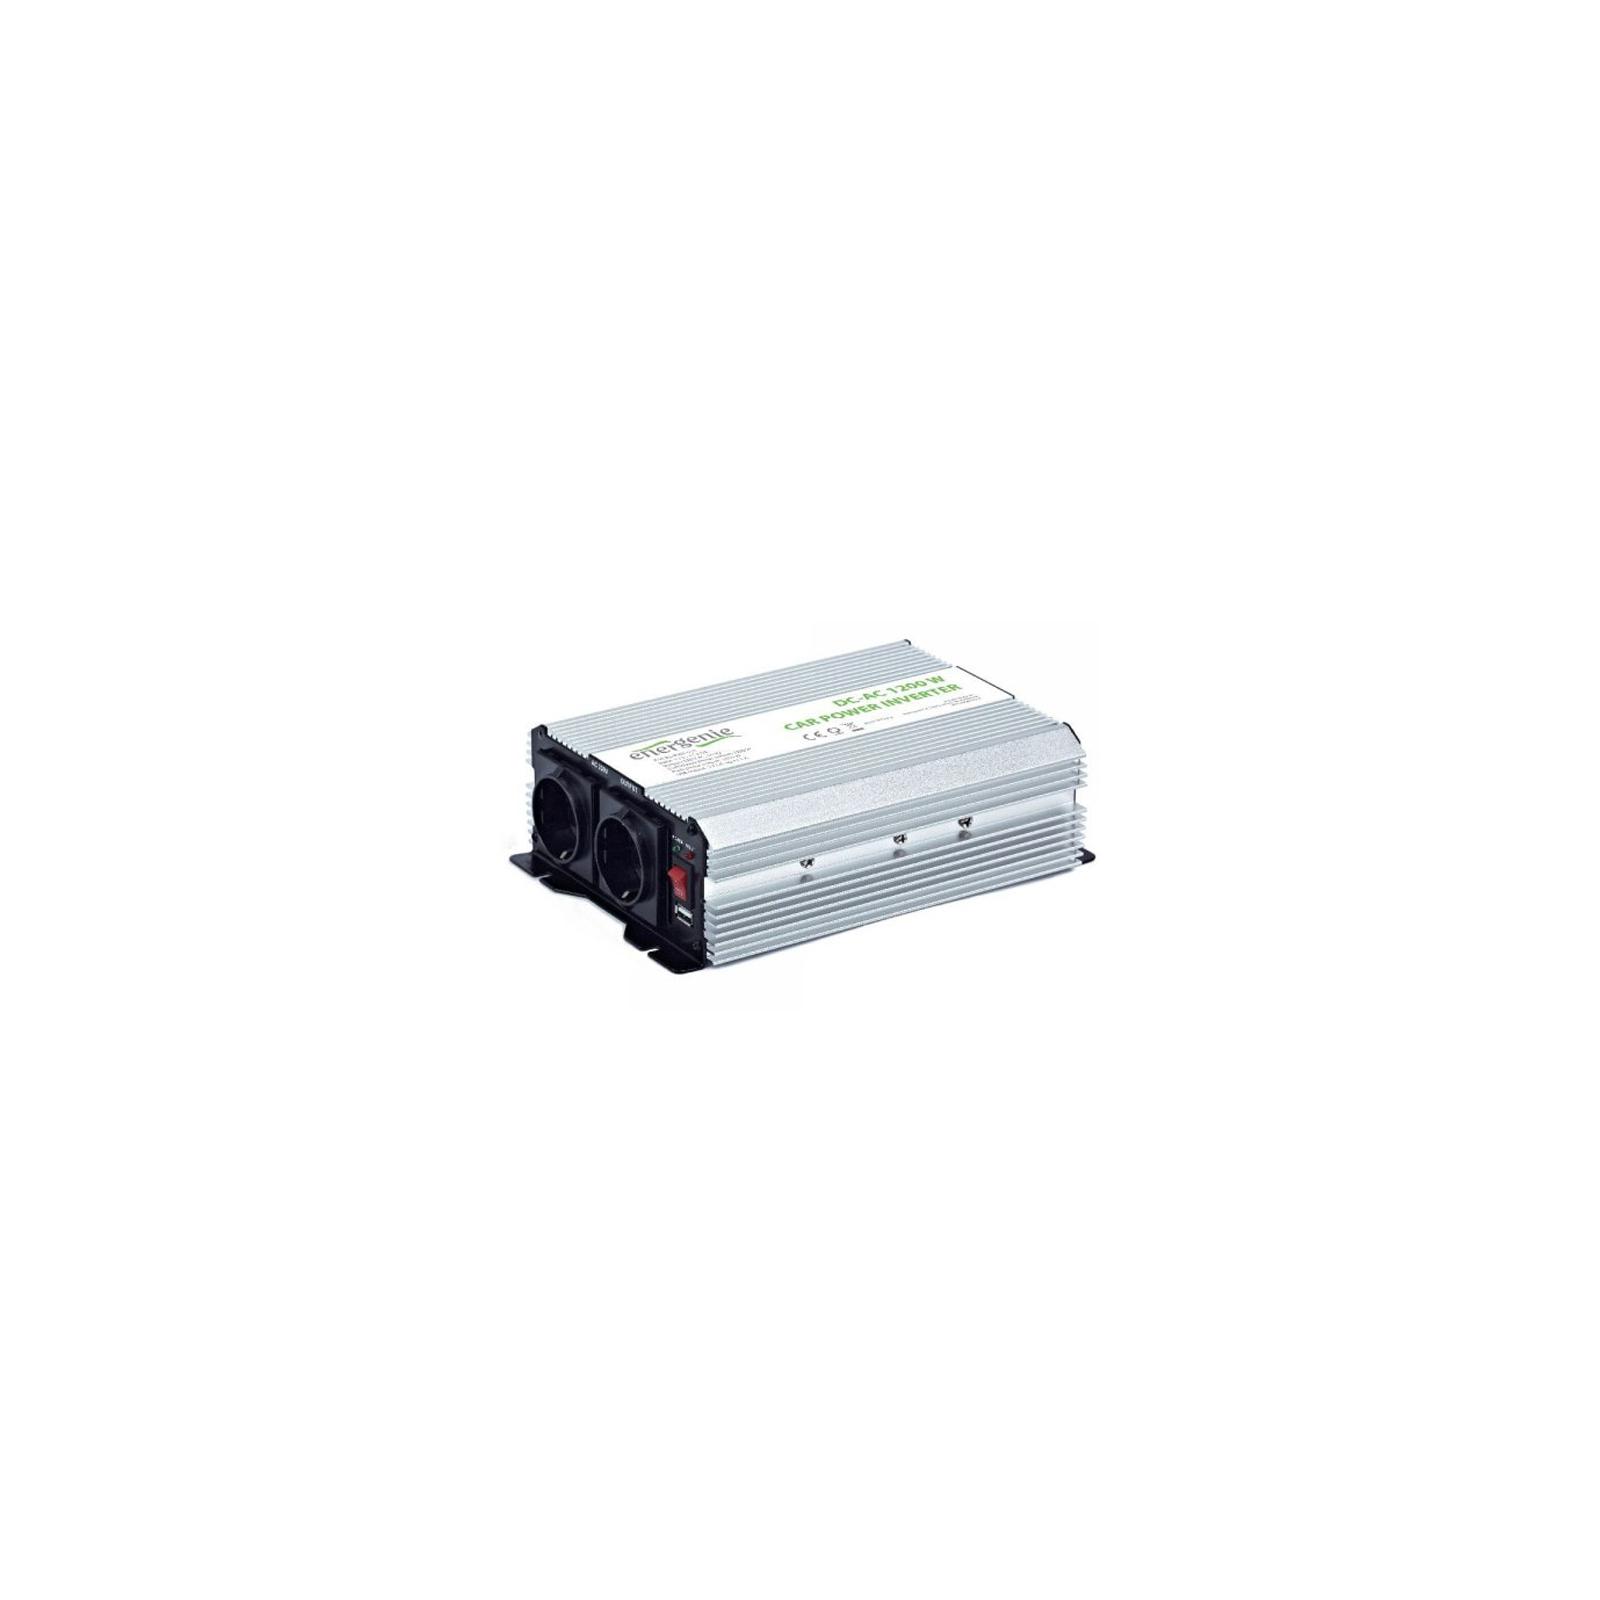 Автомобильный инвертор 12V/220V 1200 Вт EnerGenie (EG-PWC-035) изображение 2